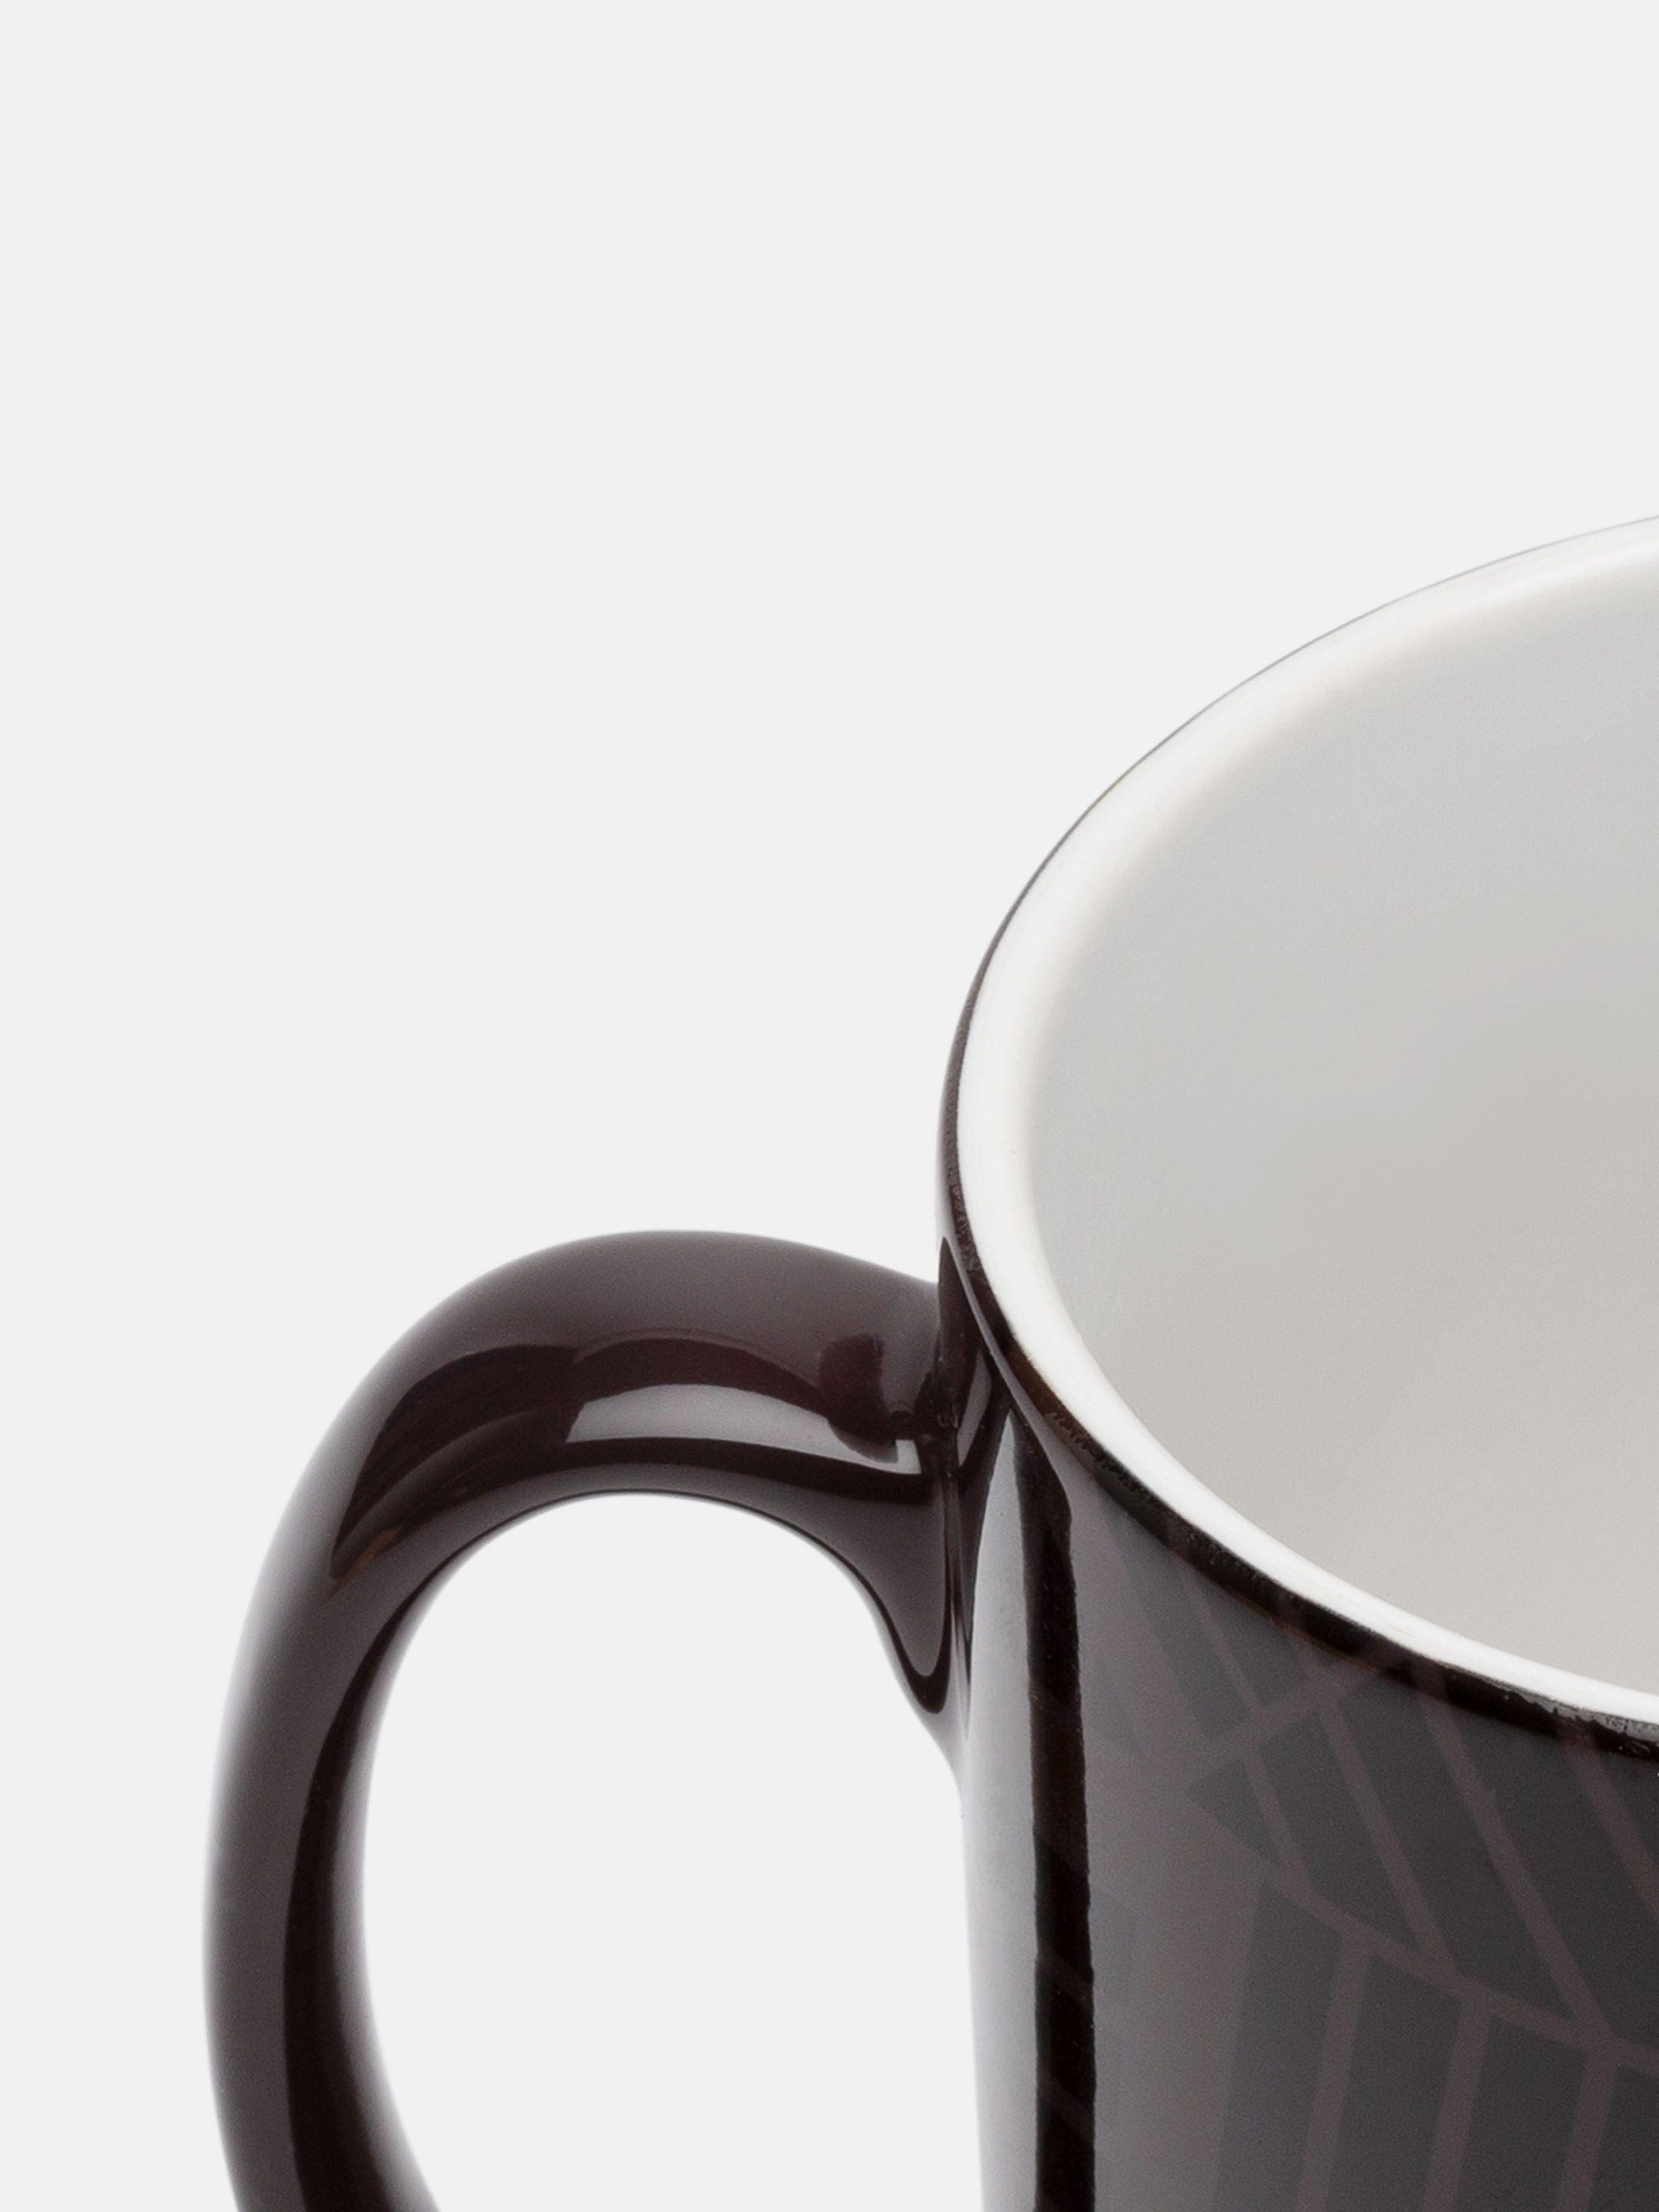 impression sur mug magique avec eau chaude